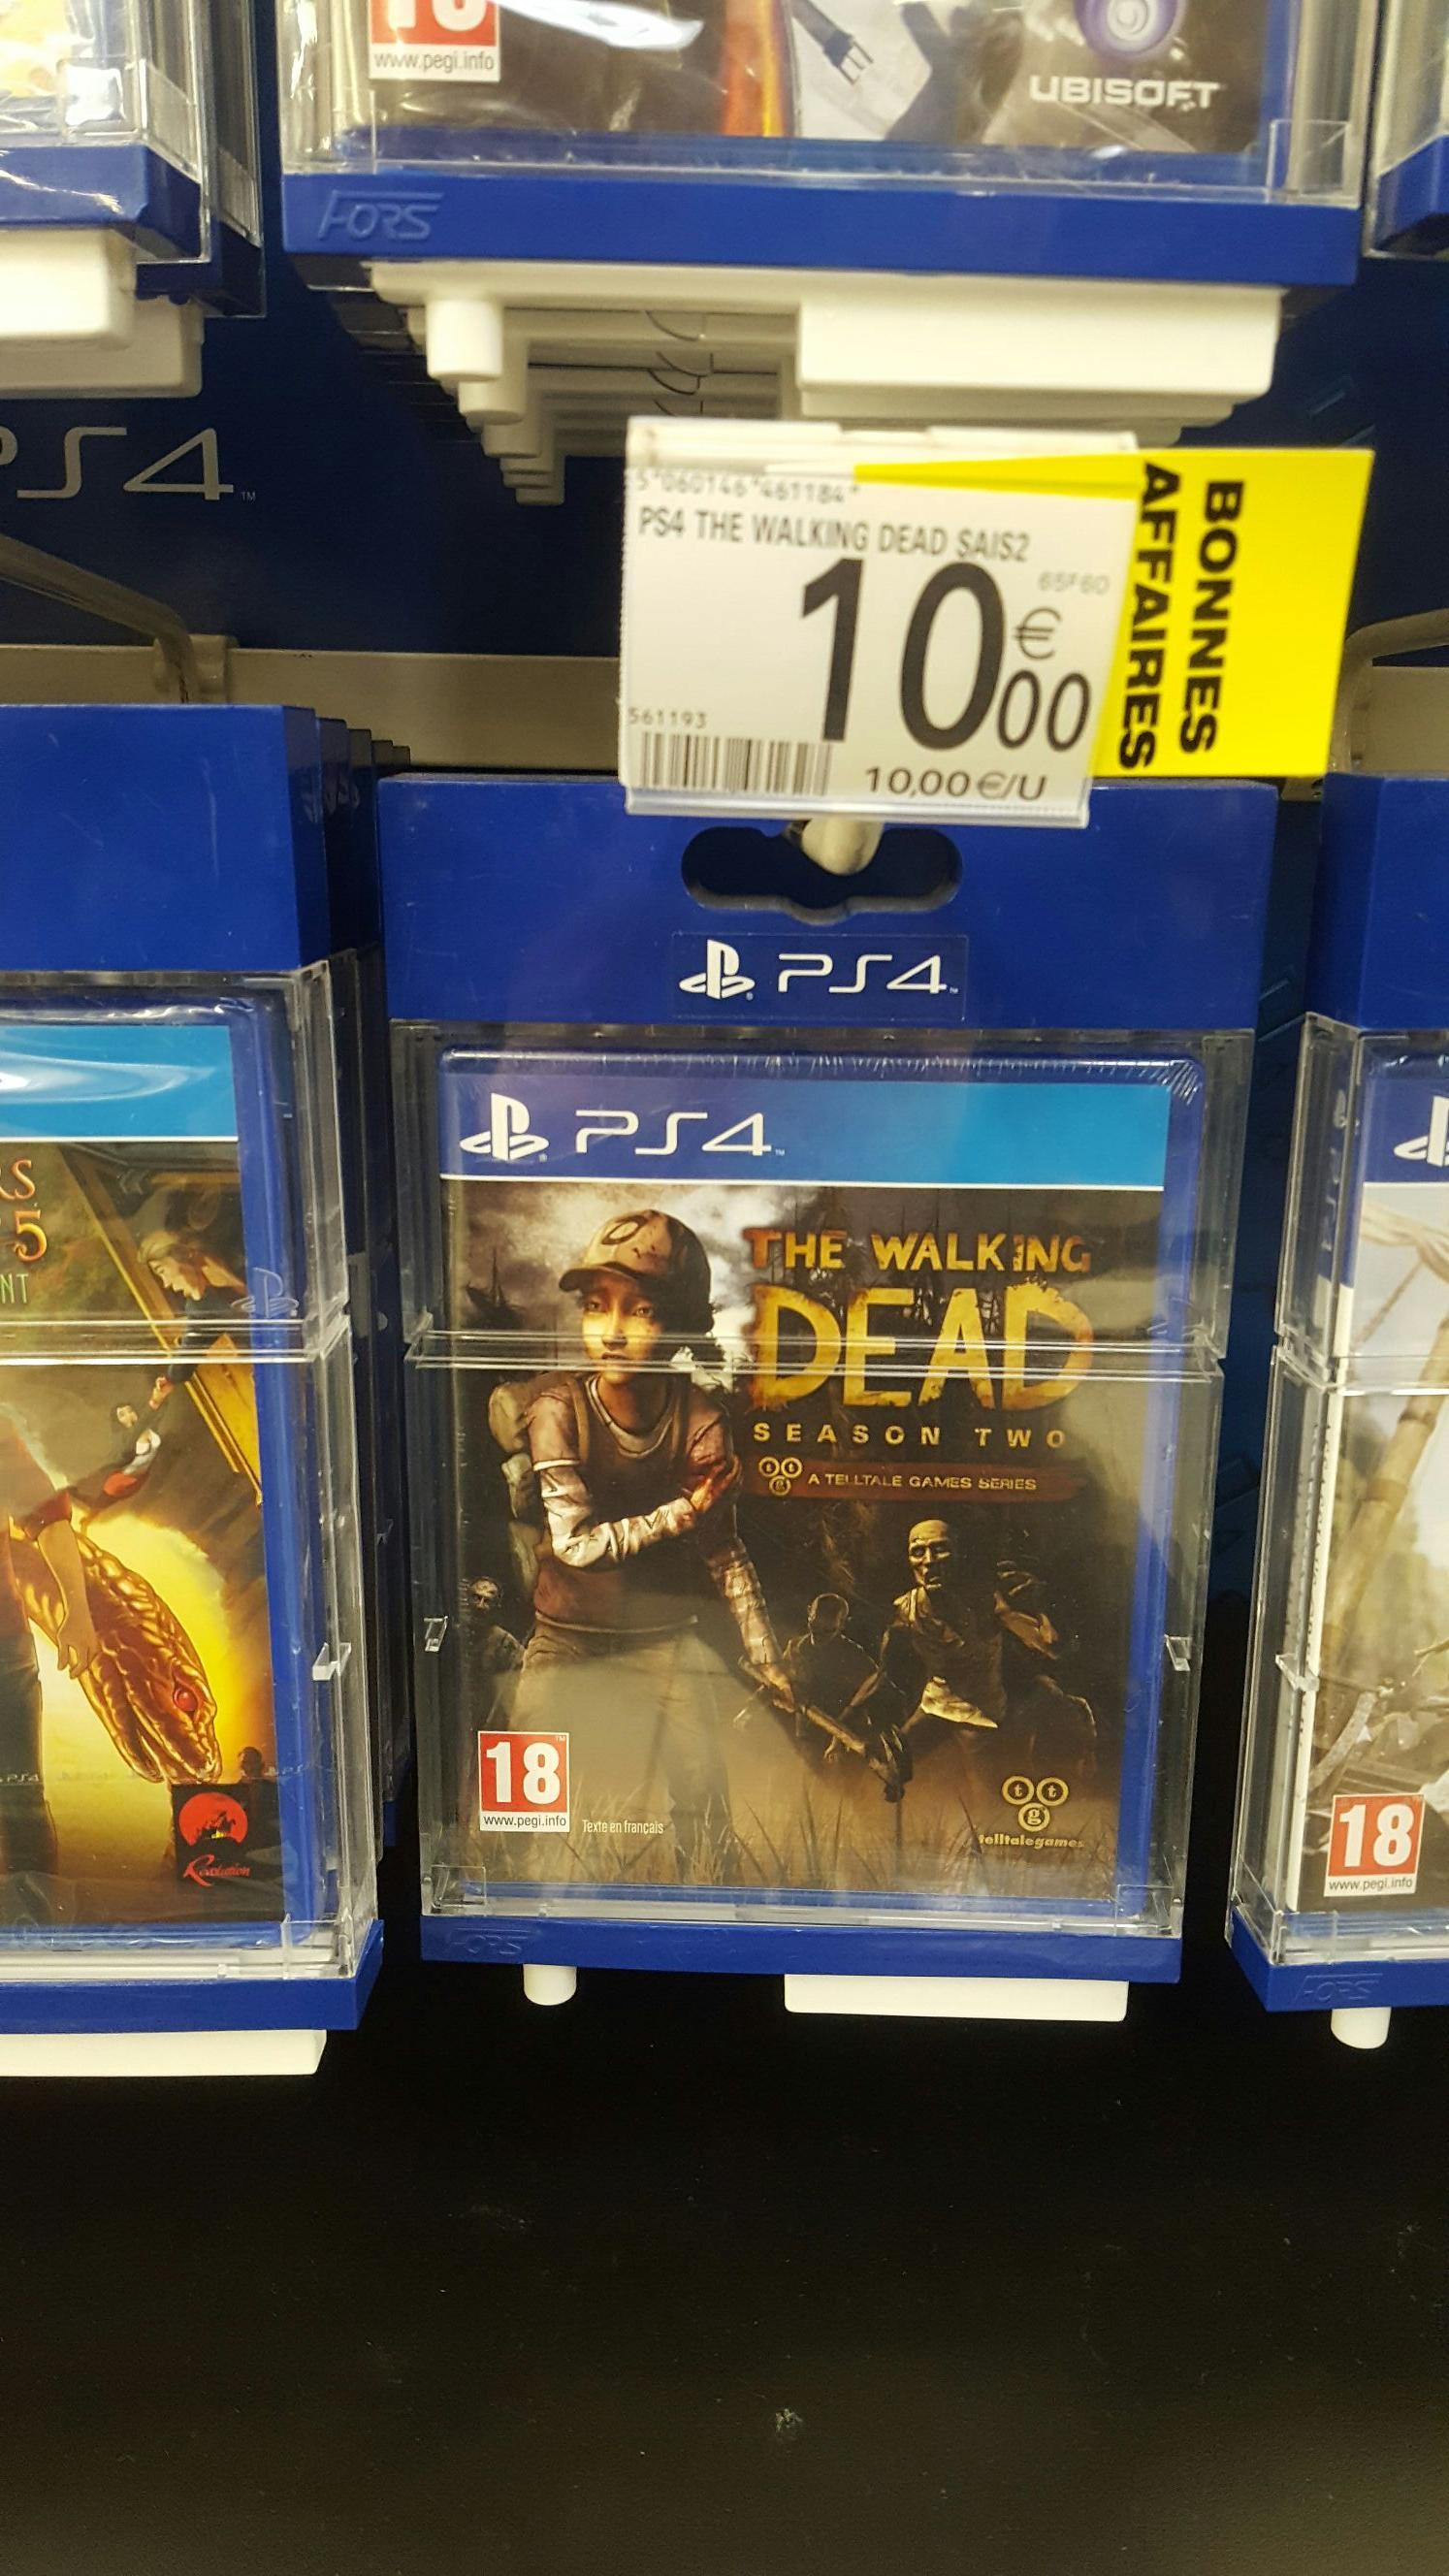 The Walking Dead Saison 2 sur PS4